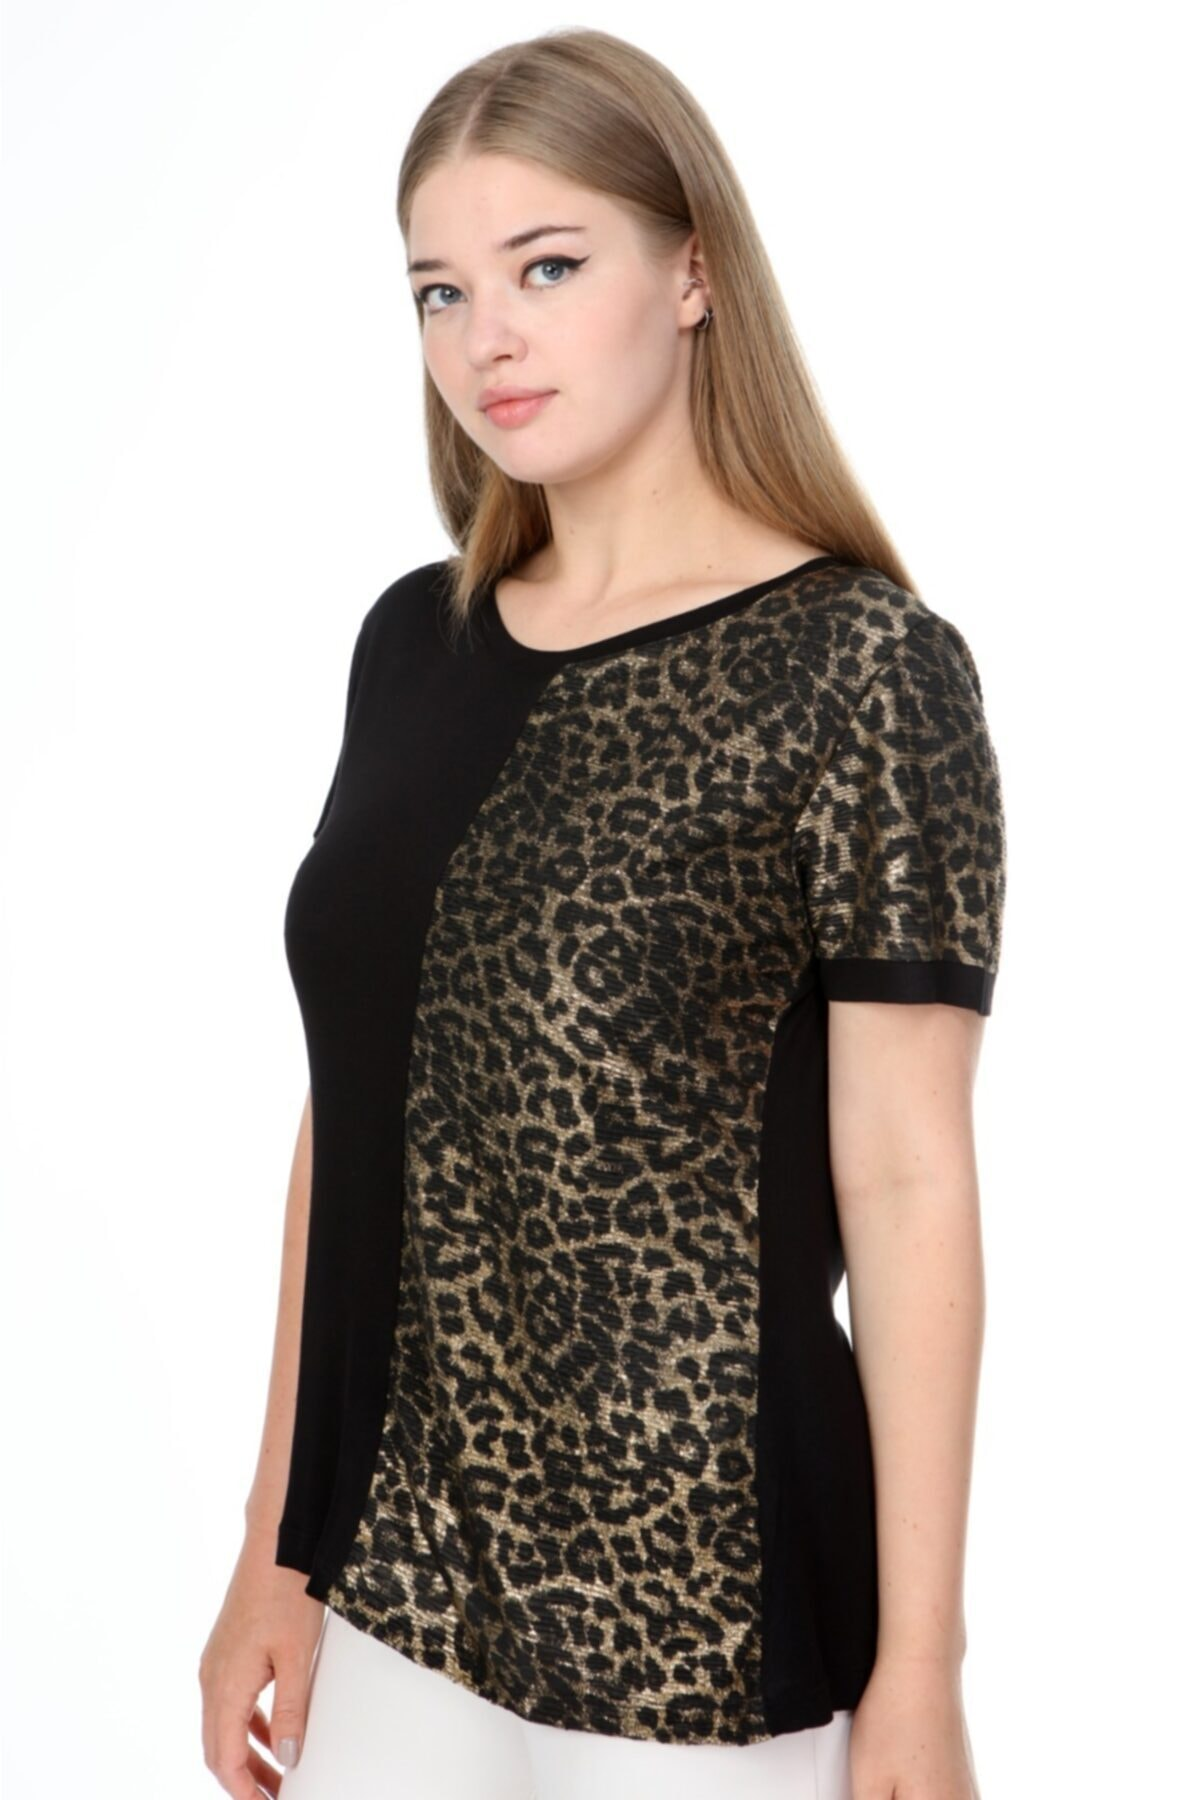 MJORA Siyah Leopar Detaylı Kısa Kol Viskon Büyük Beden Bluz